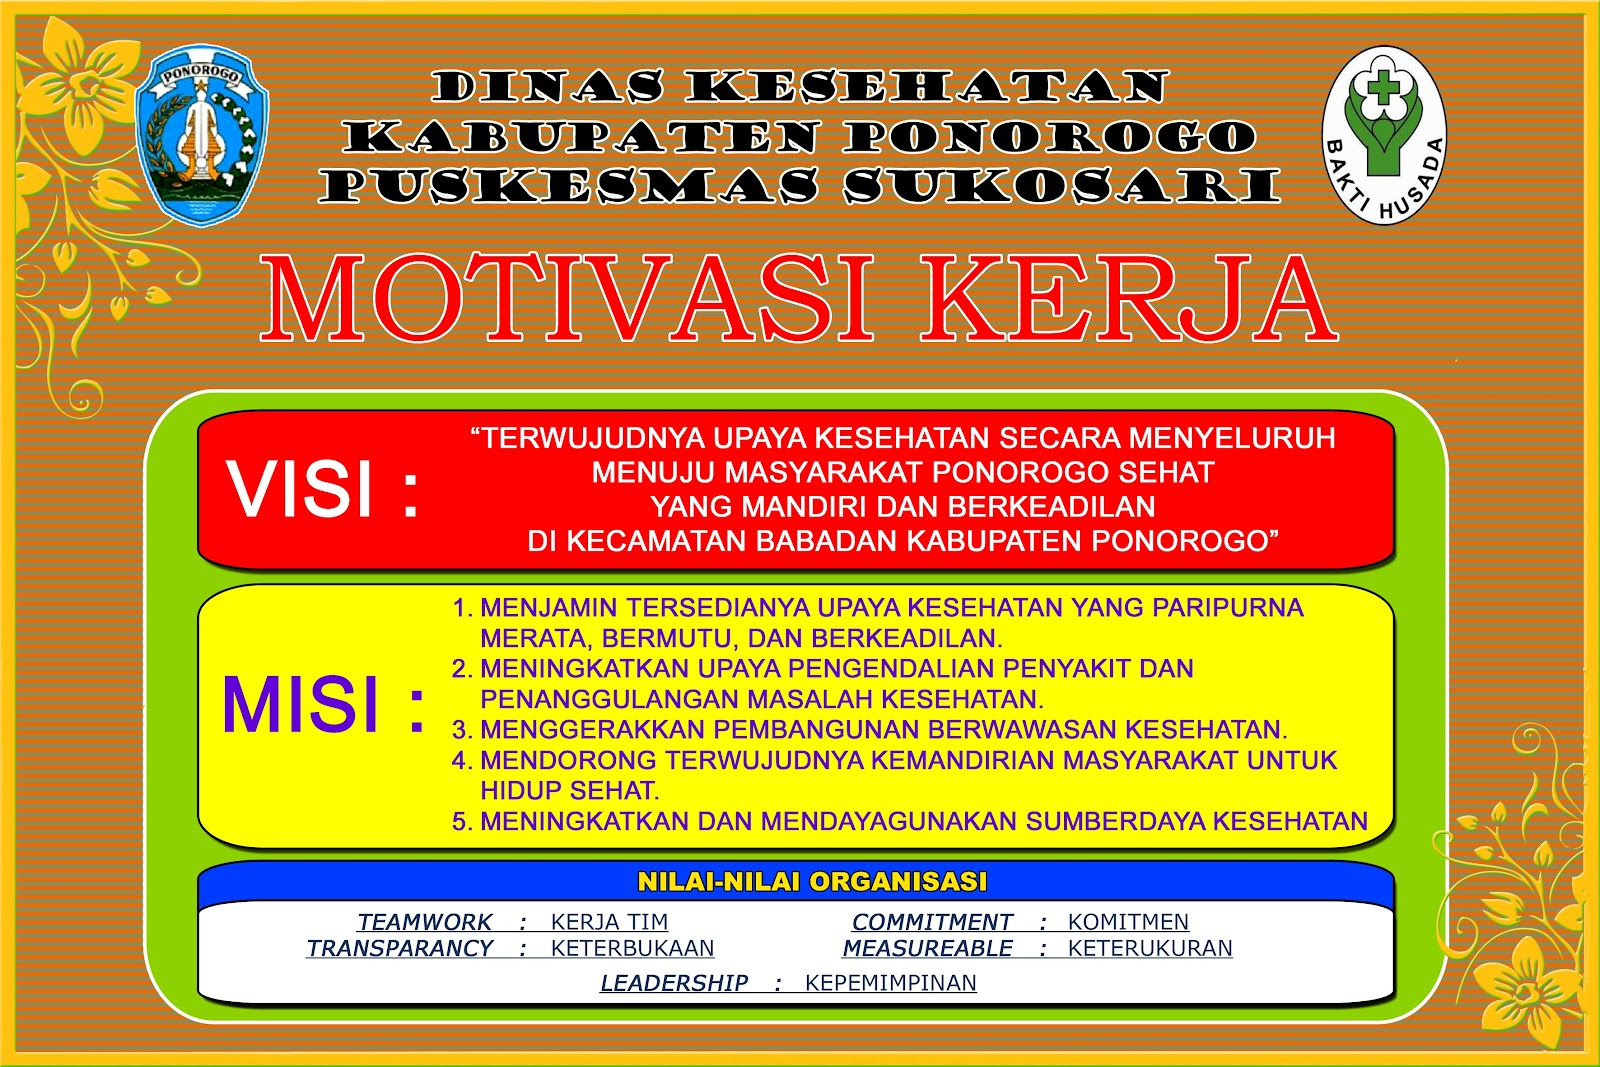 Rental Sewa Mobil Surabaya Murah Tanpa & Dengan Sopir Lepas Kunci